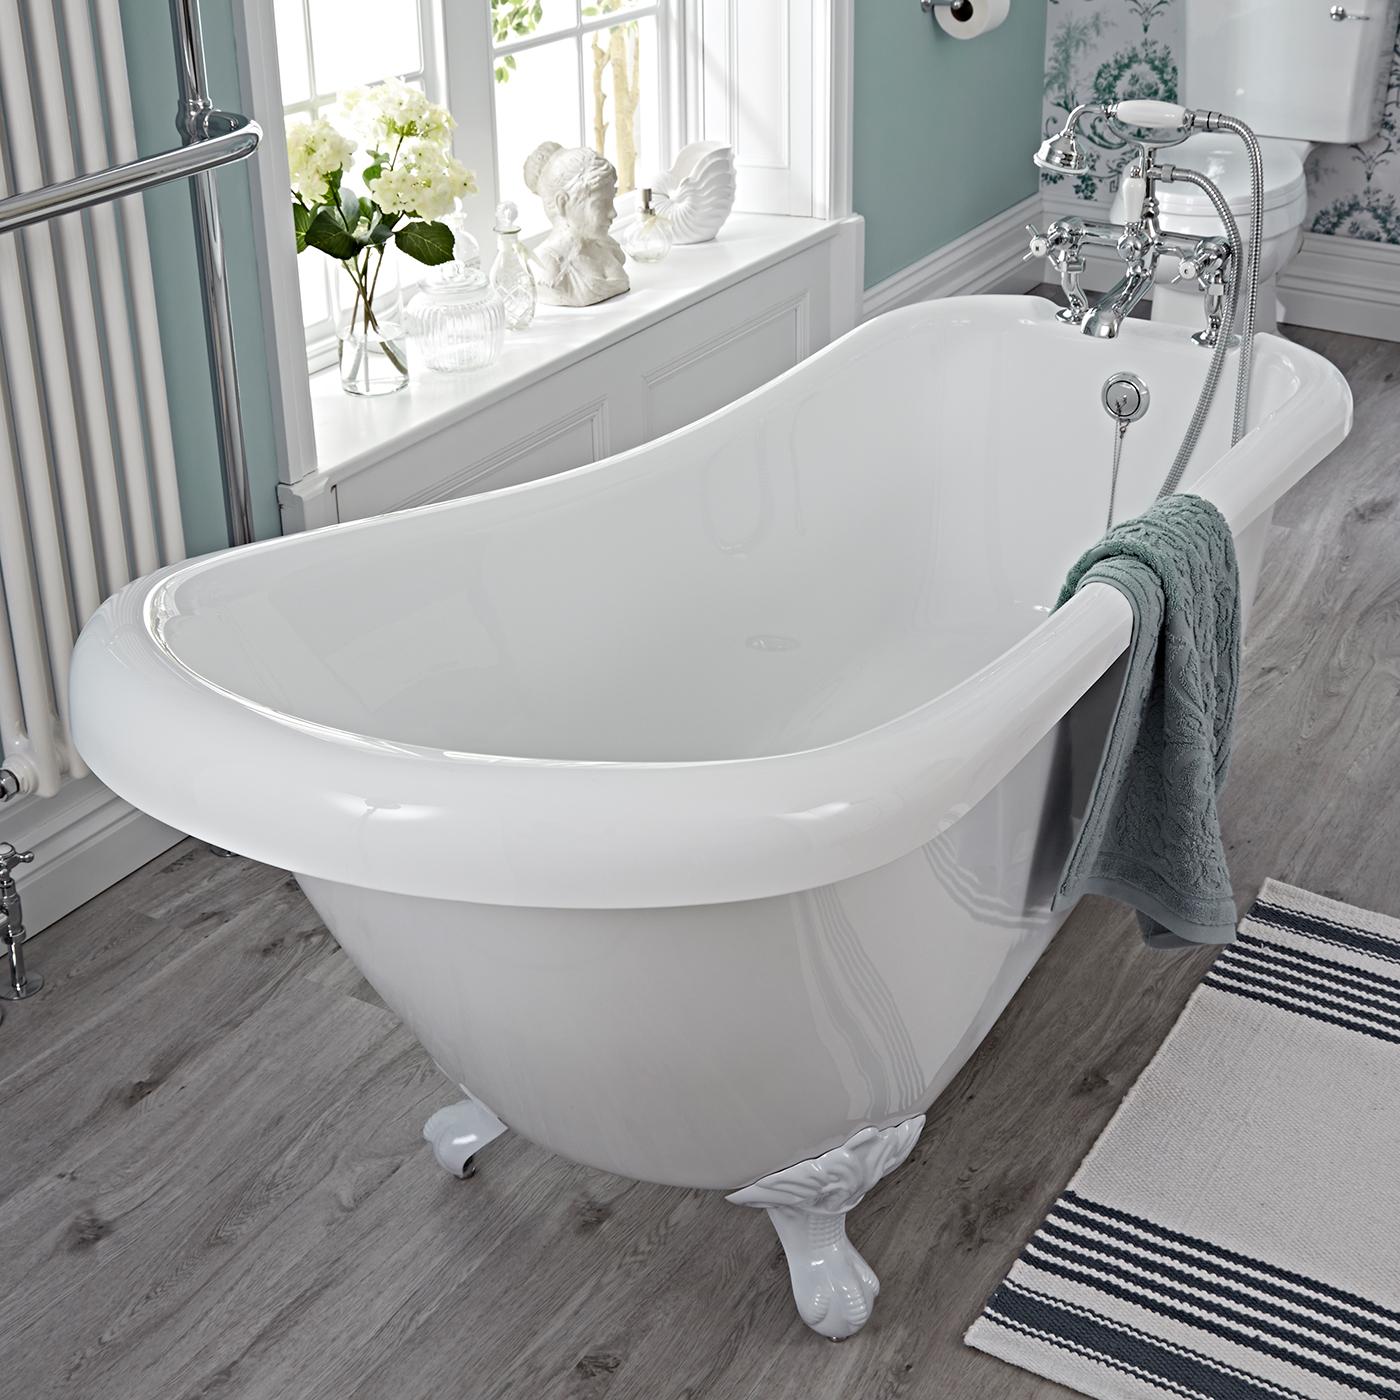 Vasca bagno epoca centro stanza acrilica schienale alto for Vasca centro stanza